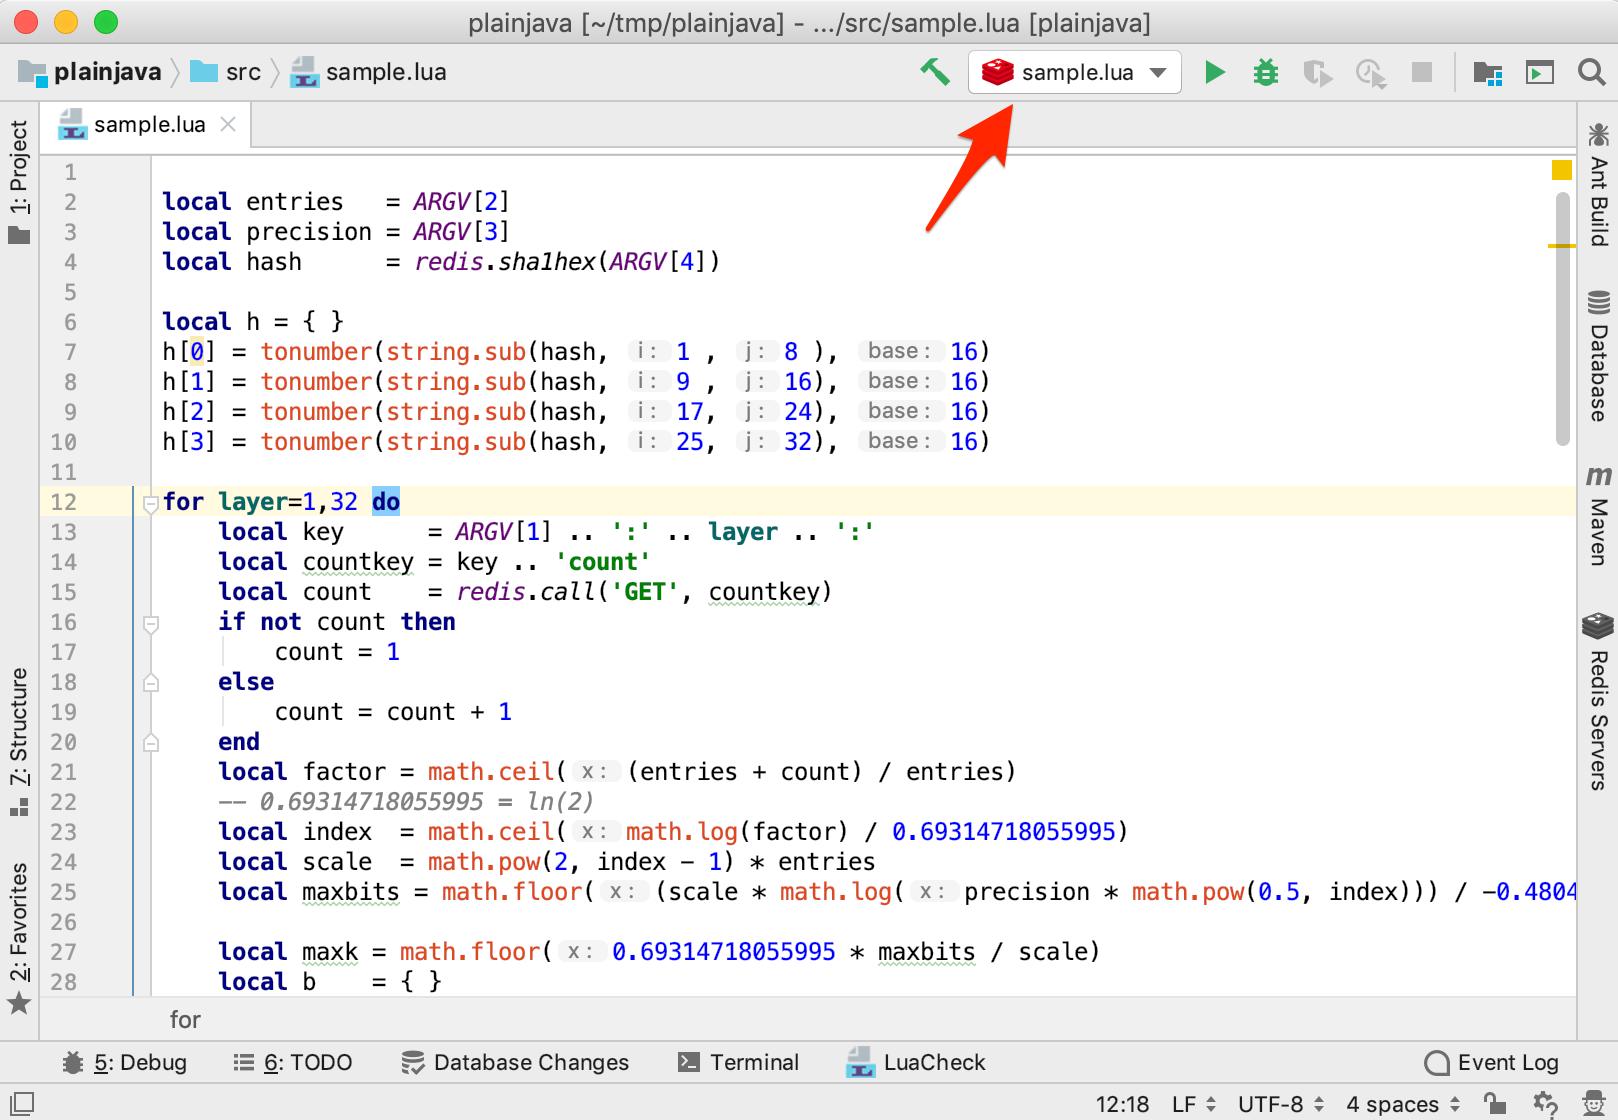 config run configuration2